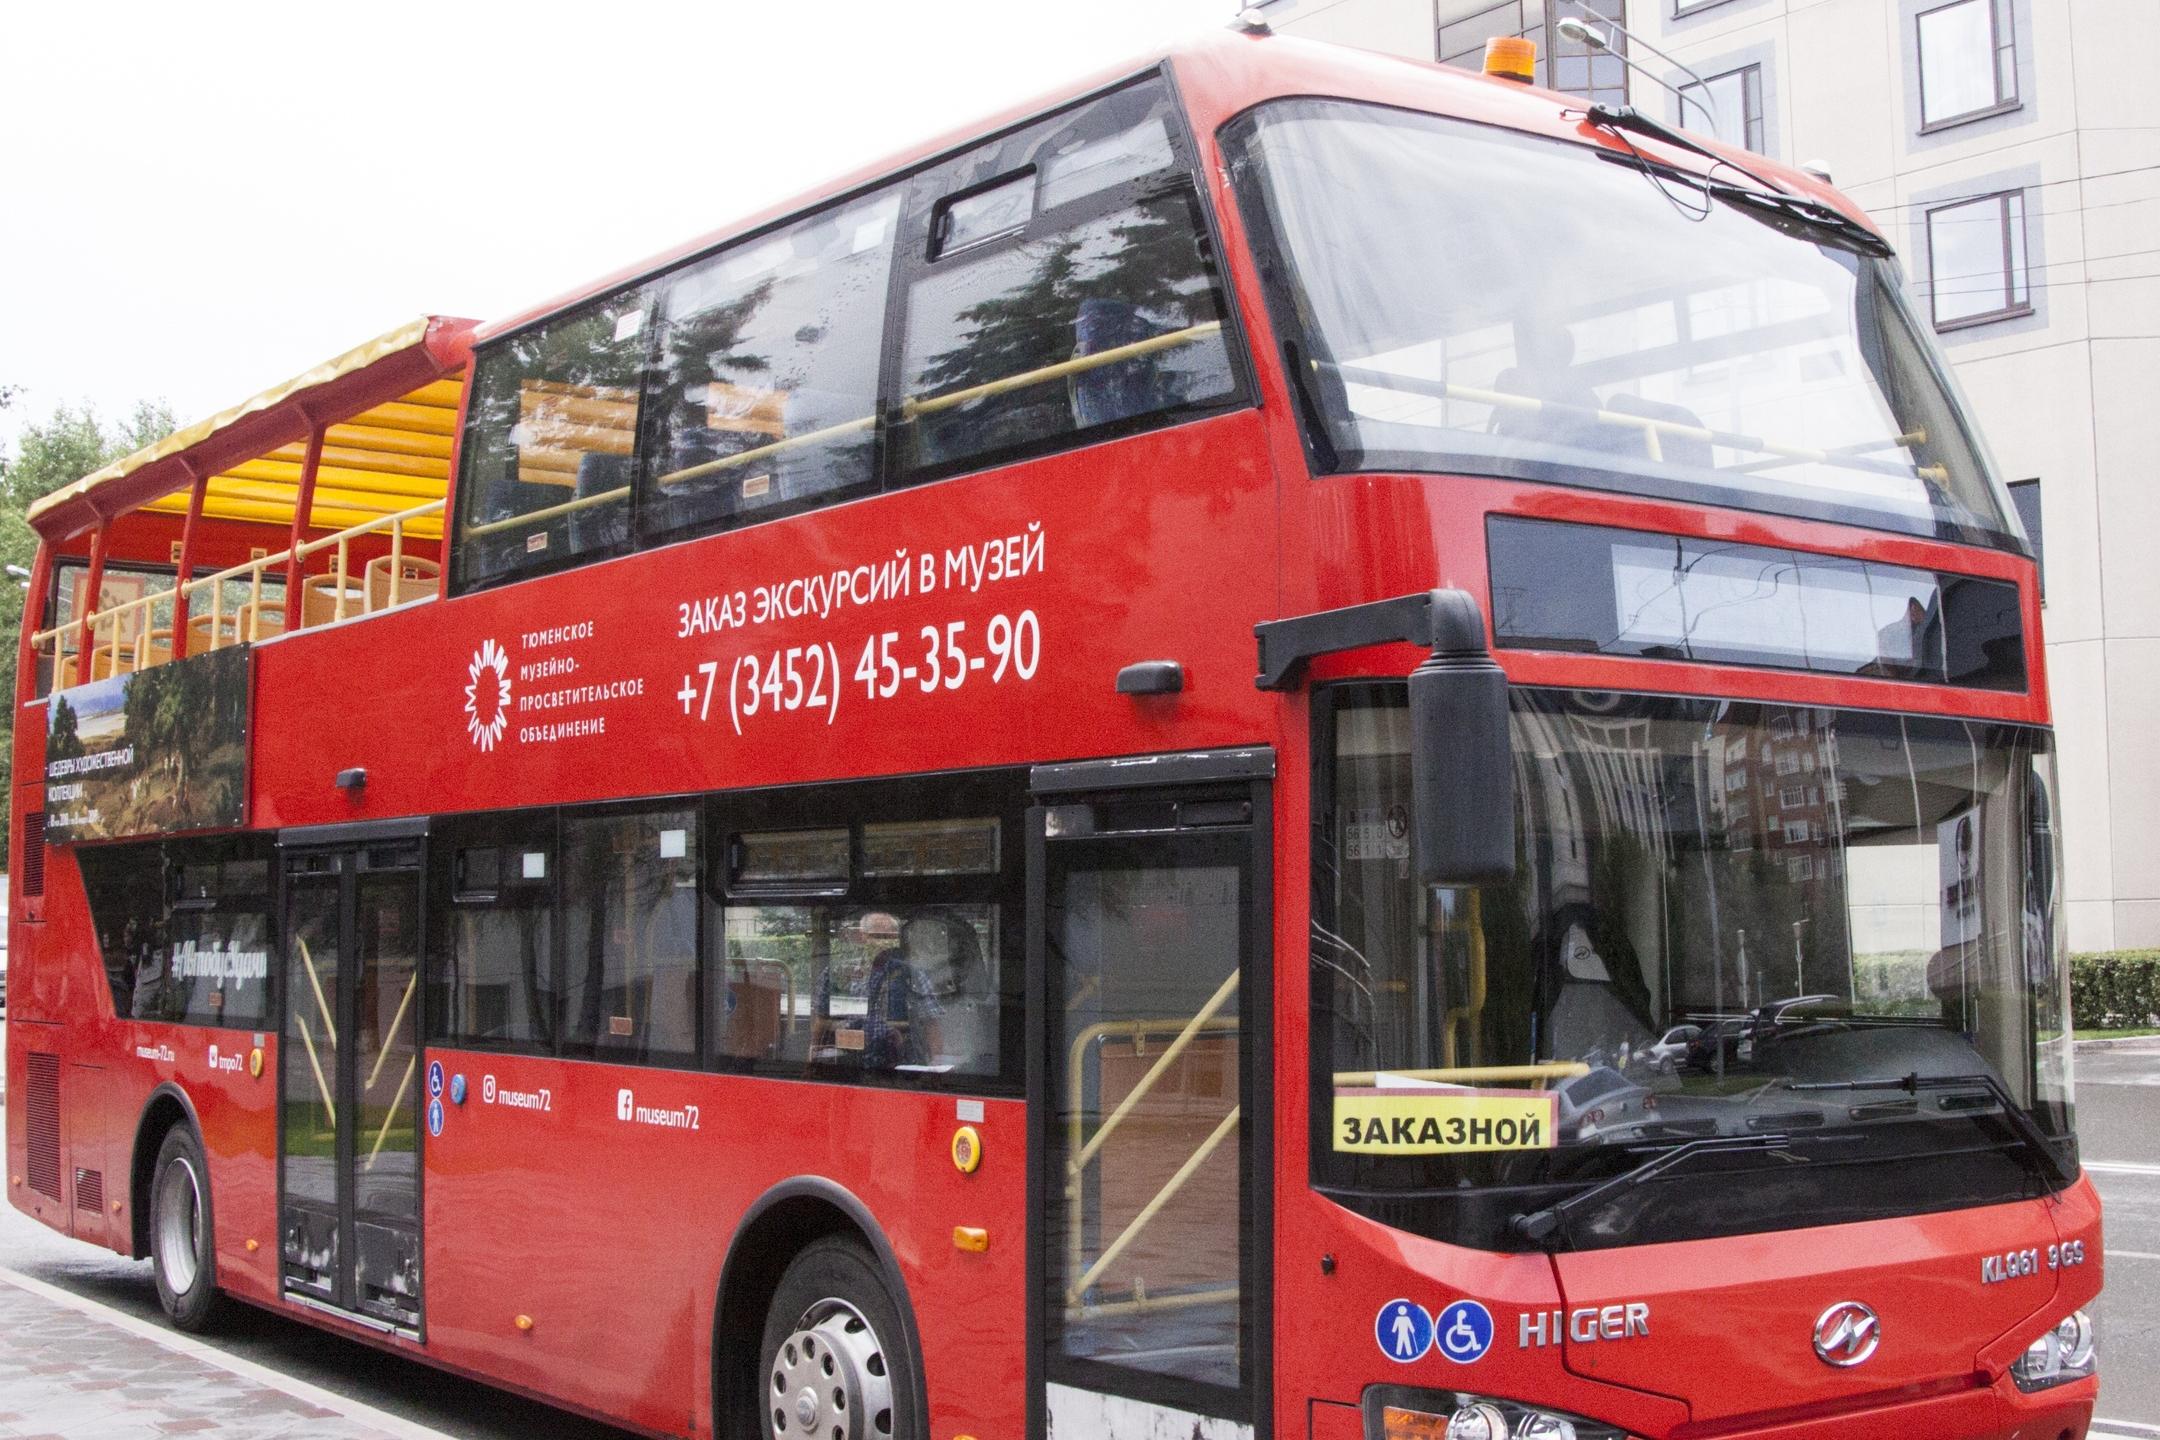 Кто не мечтал покататься на двухэтажном автобусе?